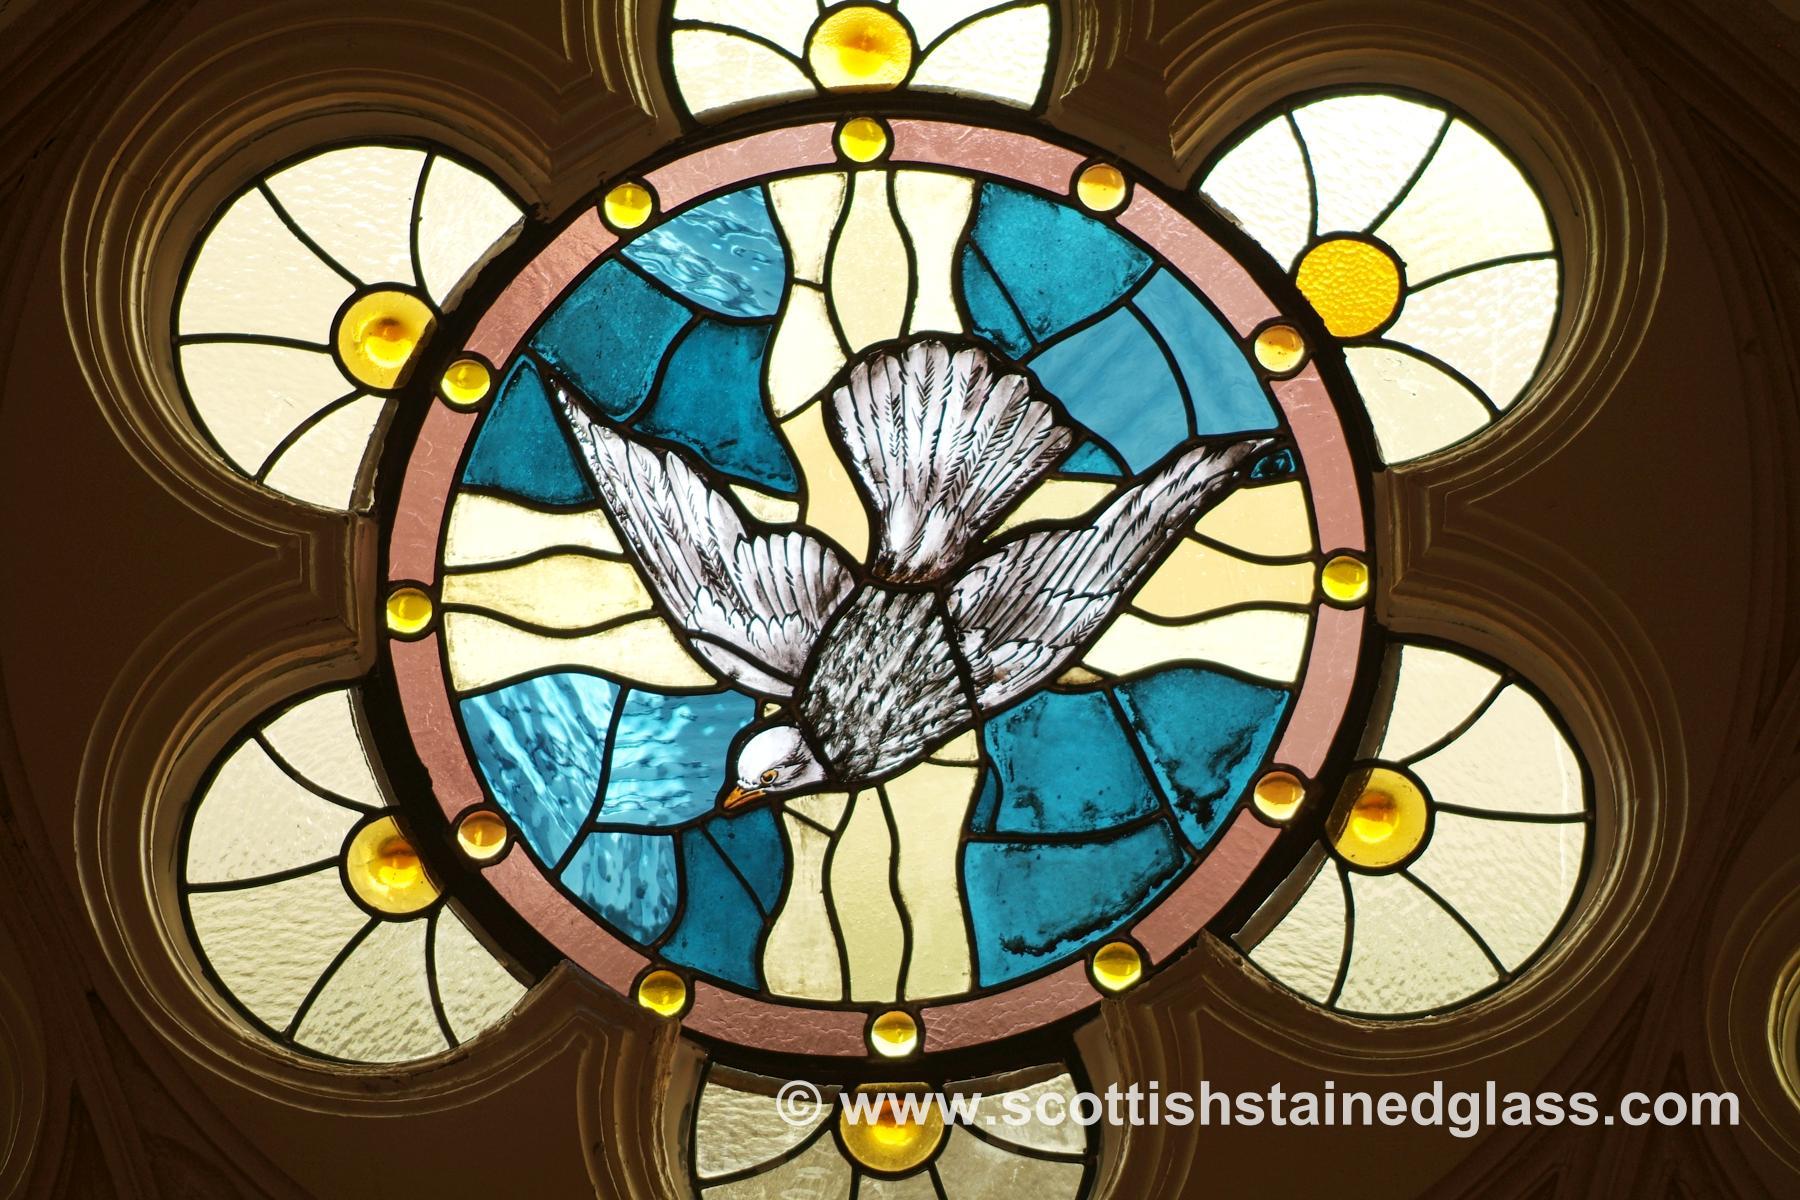 church stained glass restoration manhattan kansas